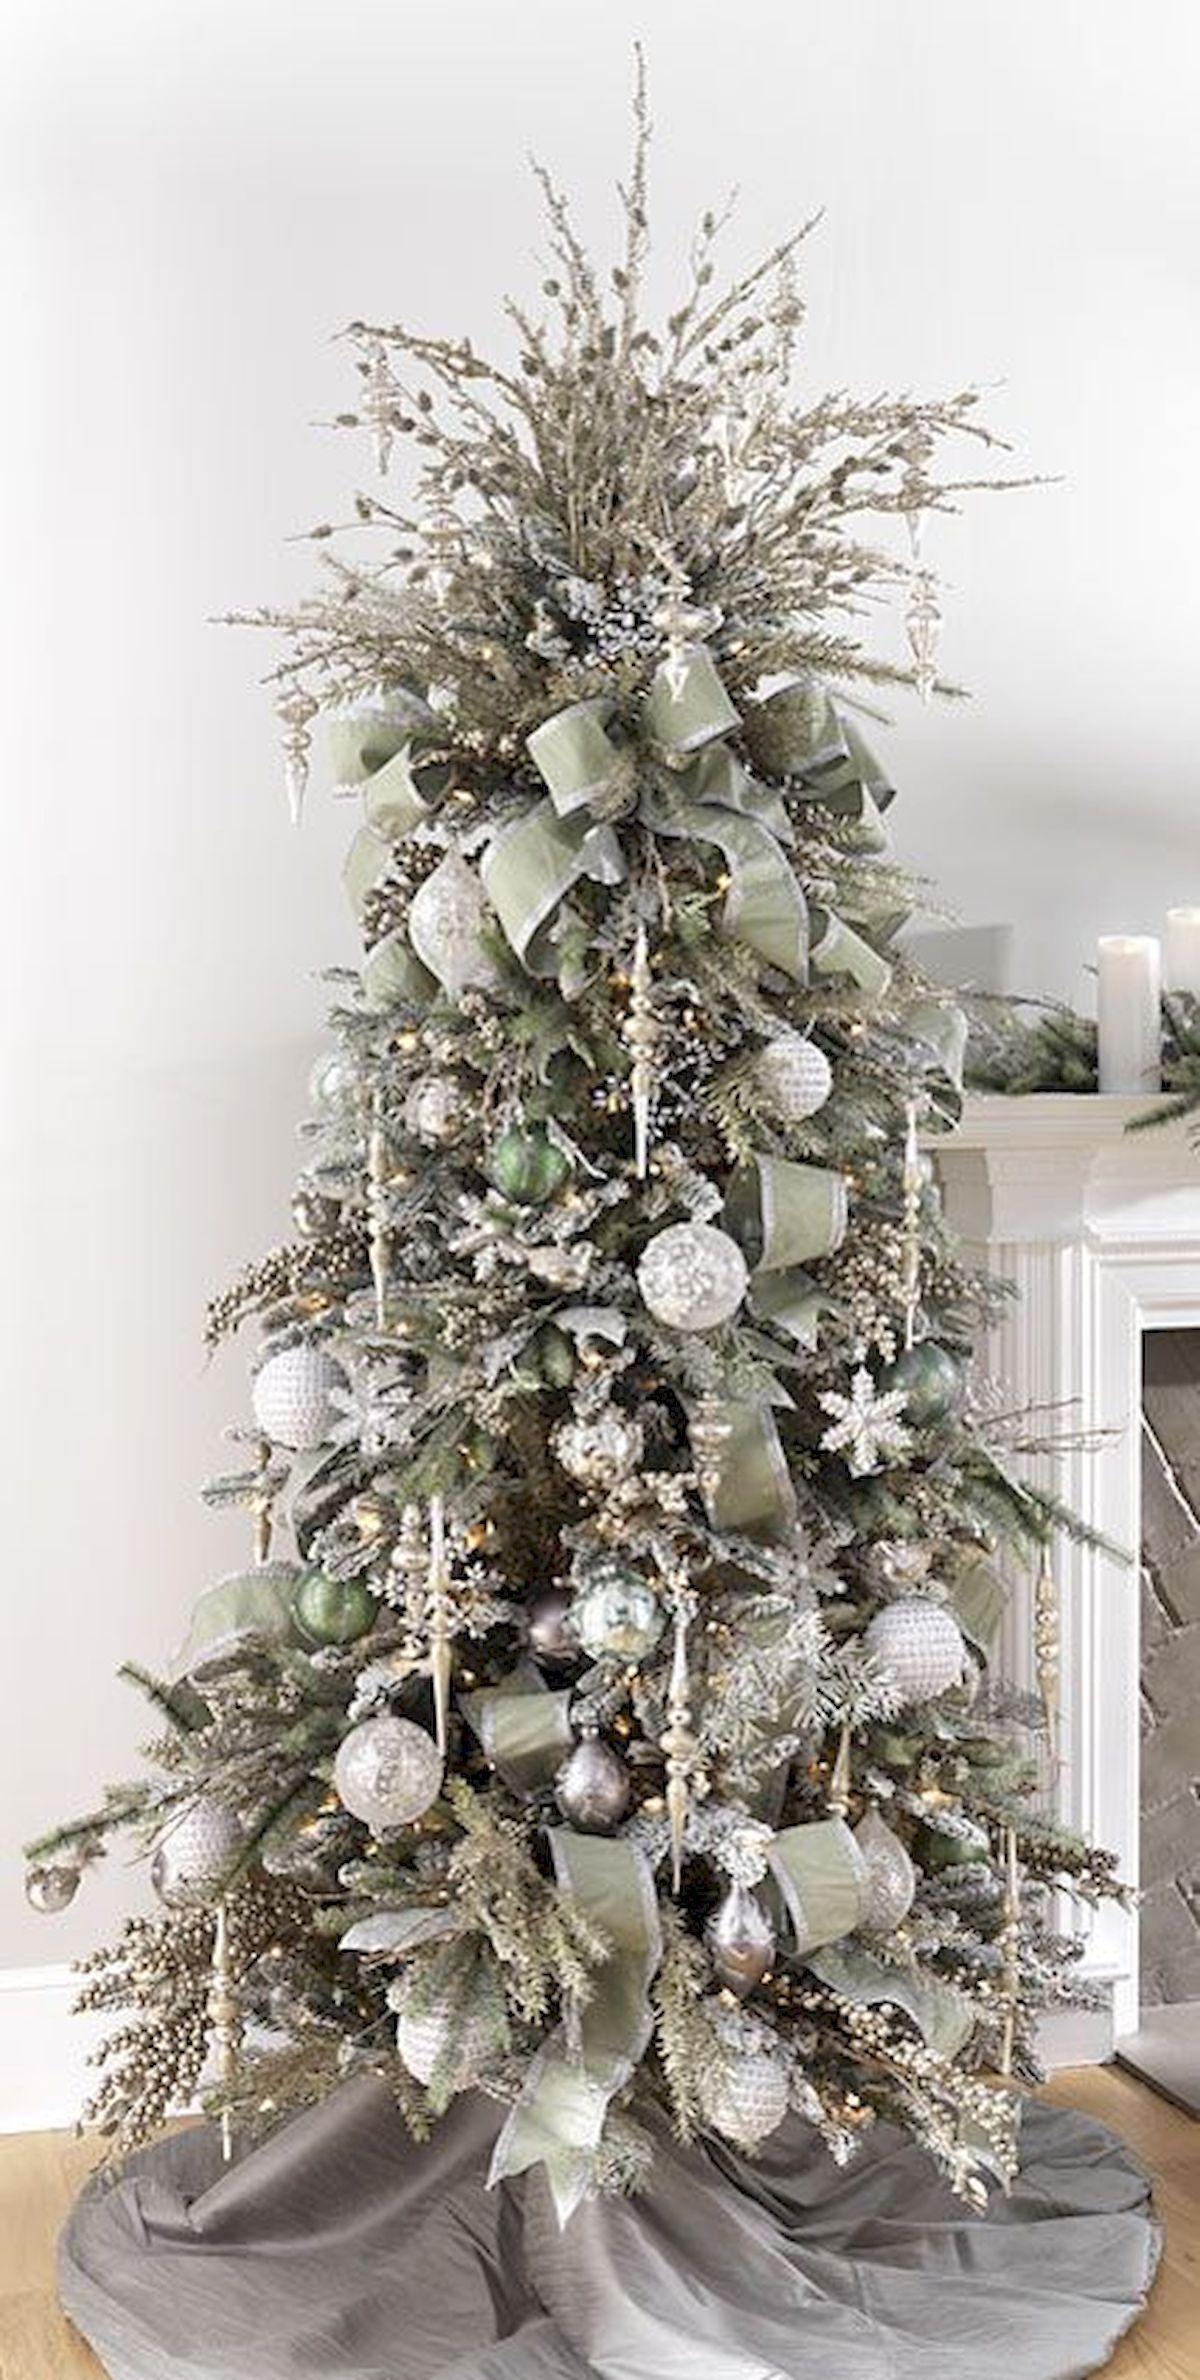 Gorgeous 40 Elegant Christmas Tree Decor Ideas Httpscoachdecorcom40